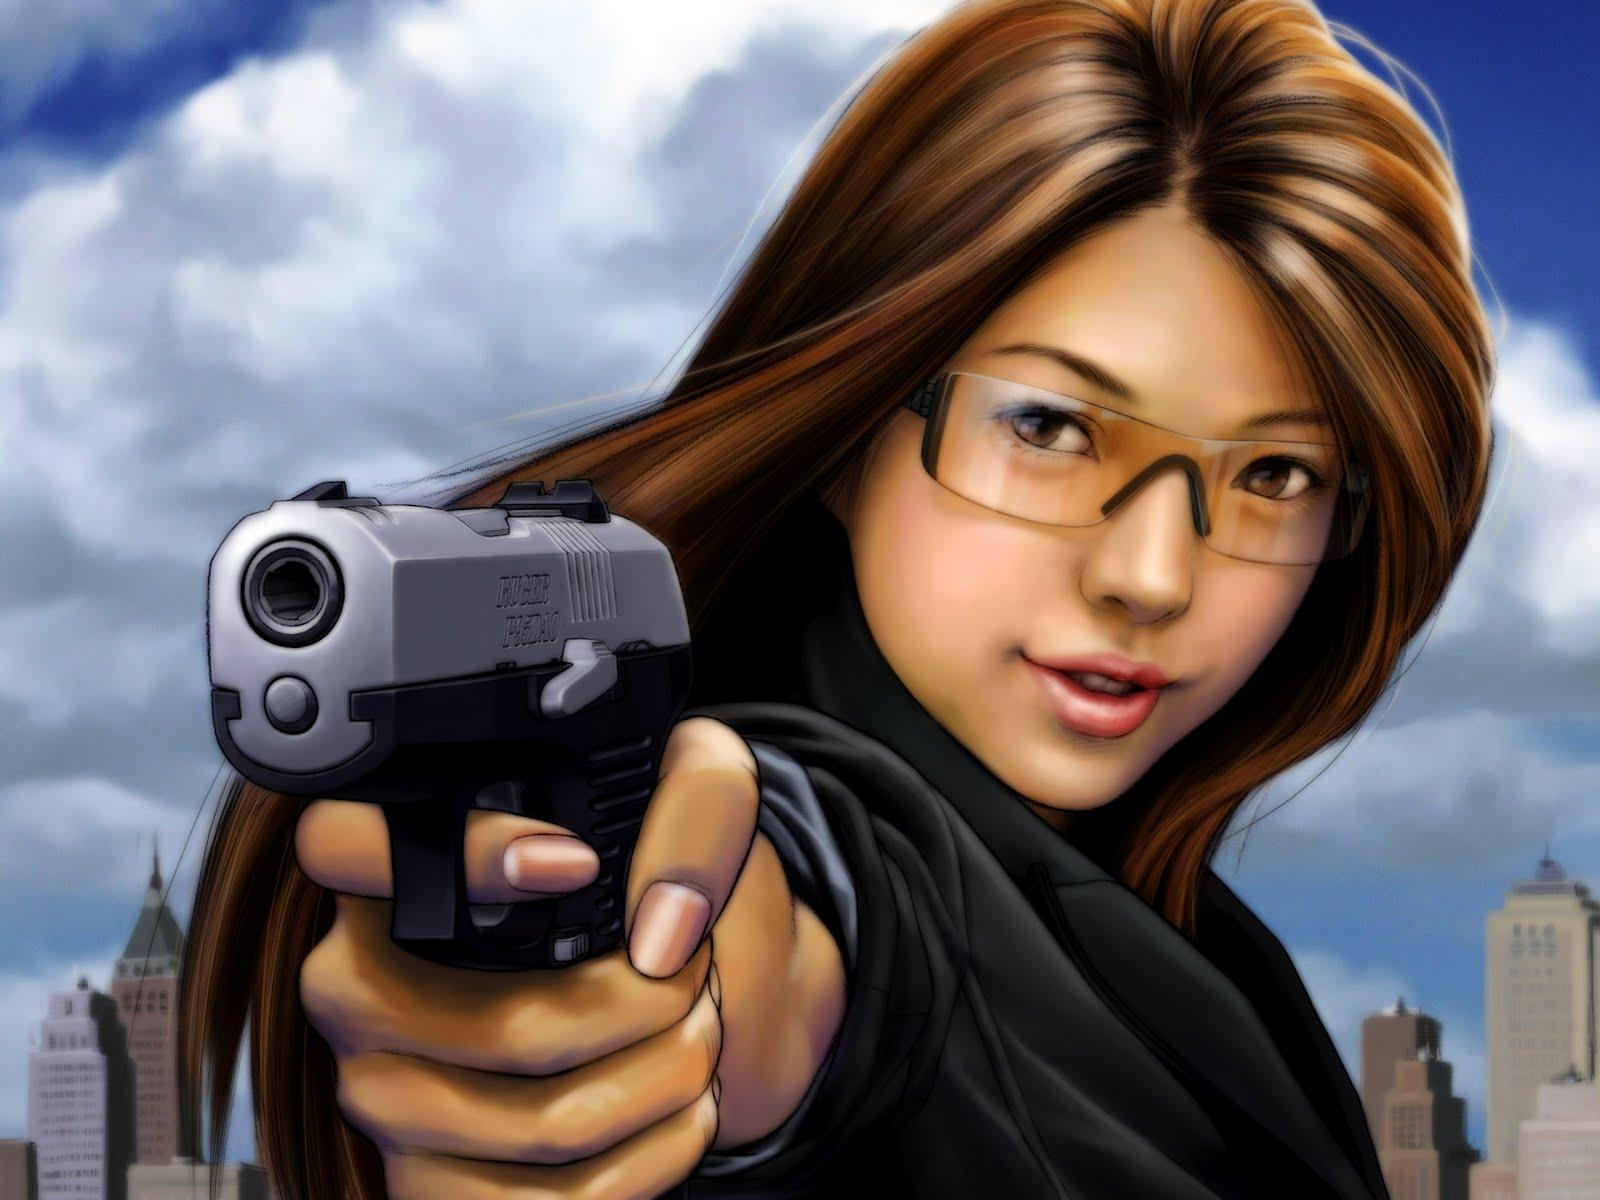 http://2.bp.blogspot.com/-ndaFtJCROos/T3u7y5wVuFI/AAAAAAAAN-w/UdCEBS332yA/s1600/fantasy%252C%2Bguns%2Band%2Bbikinis.jpg